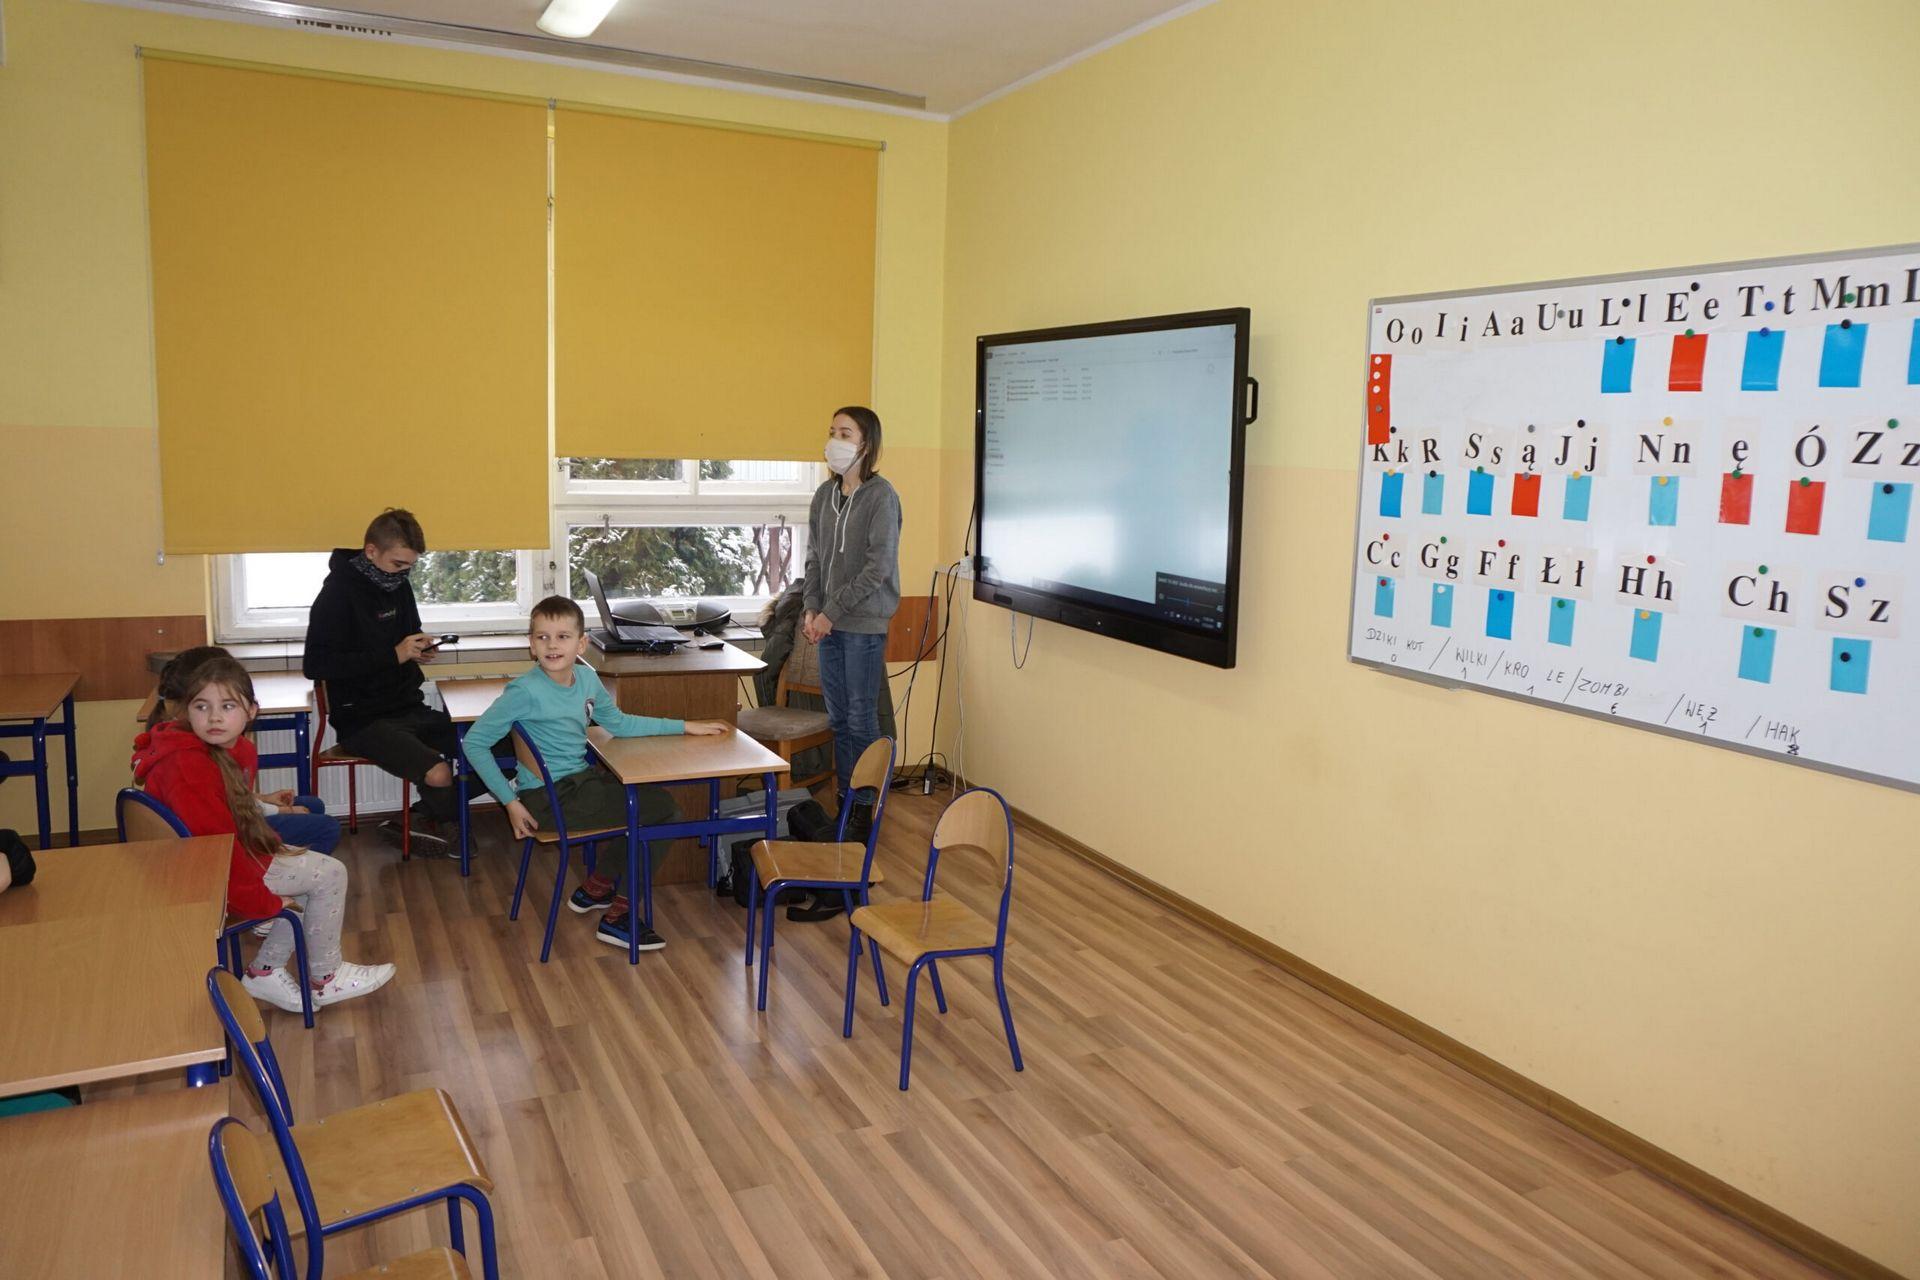 Fotografia warsztatów dzieci siedzące w ławkach i oglądających prezentację